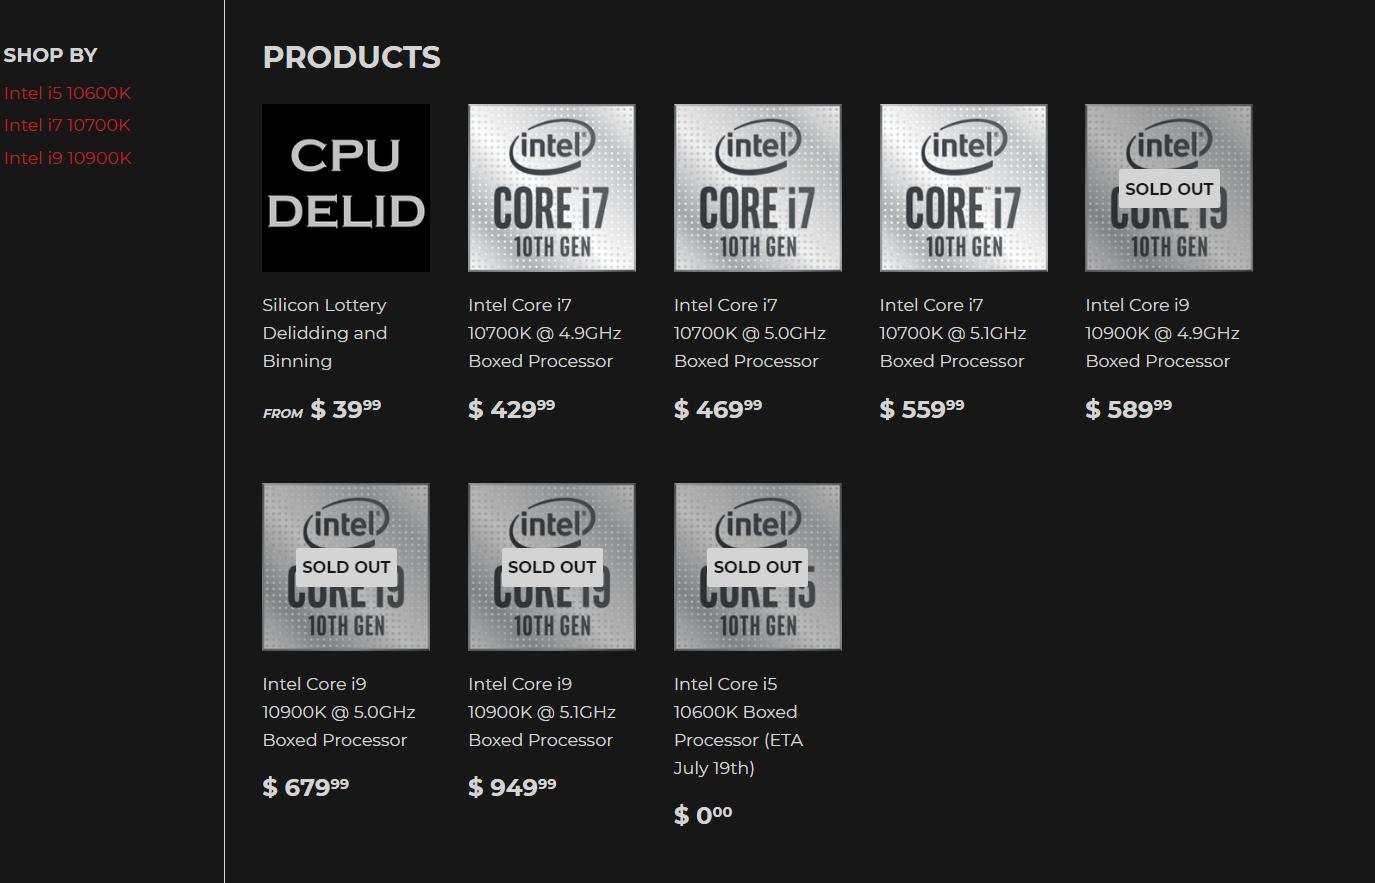 Silicon Lottery: Core i9-10900K 5.1GHz yang sudah dipasangkan sebelumnya semua core harganya $ 949 06 | TweakTown.com